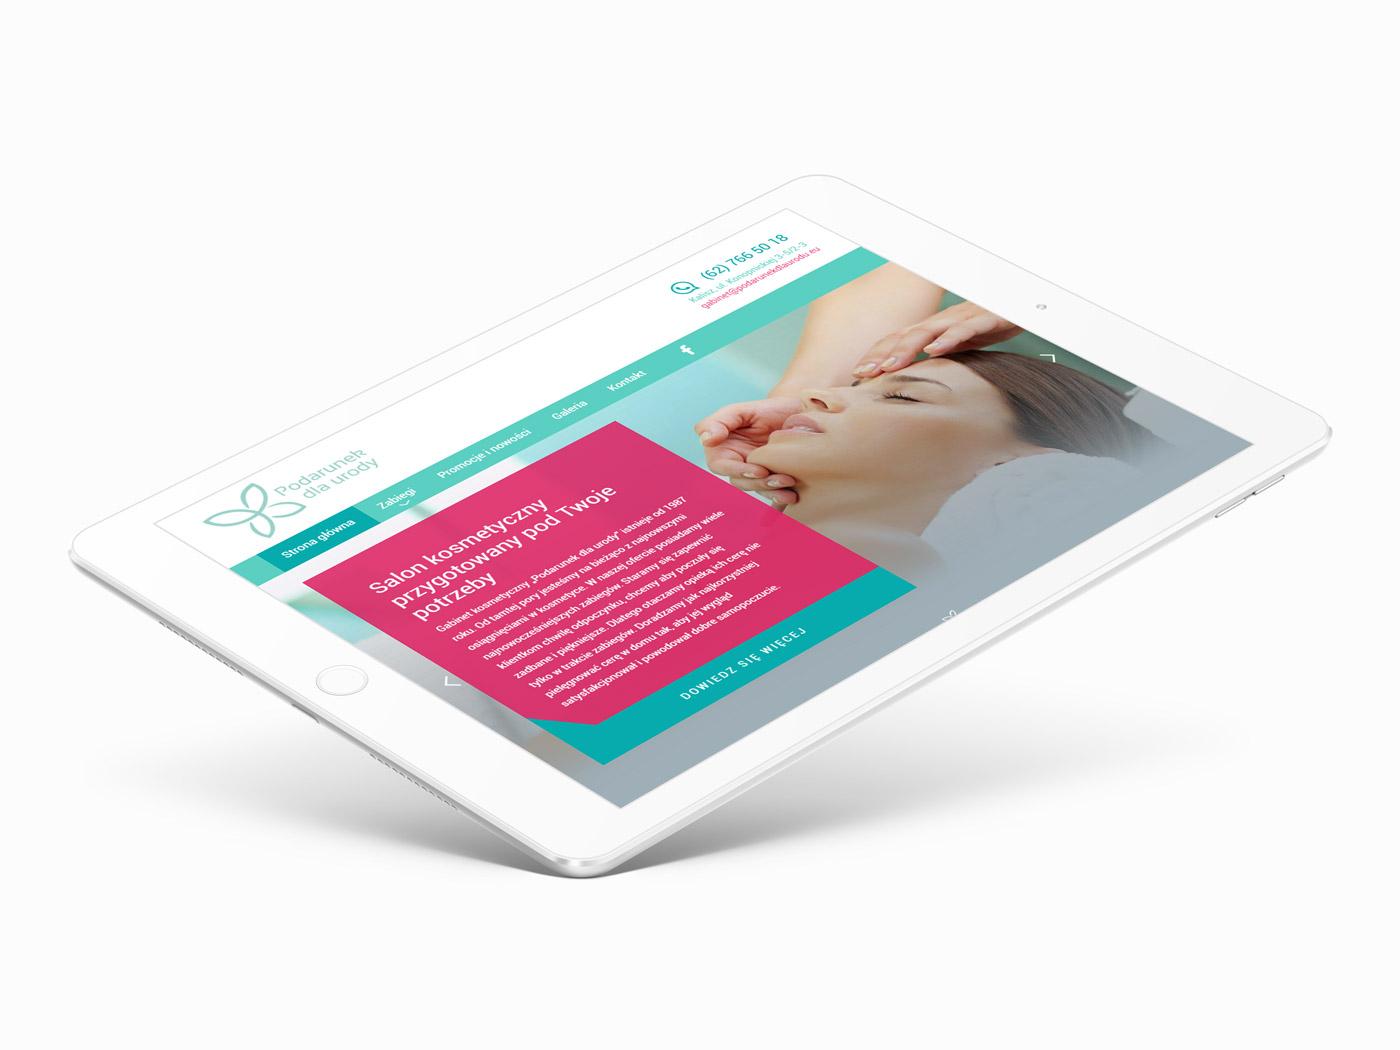 Podarunek dla urody - projekt strony internetowej wizualizacja na tablecie